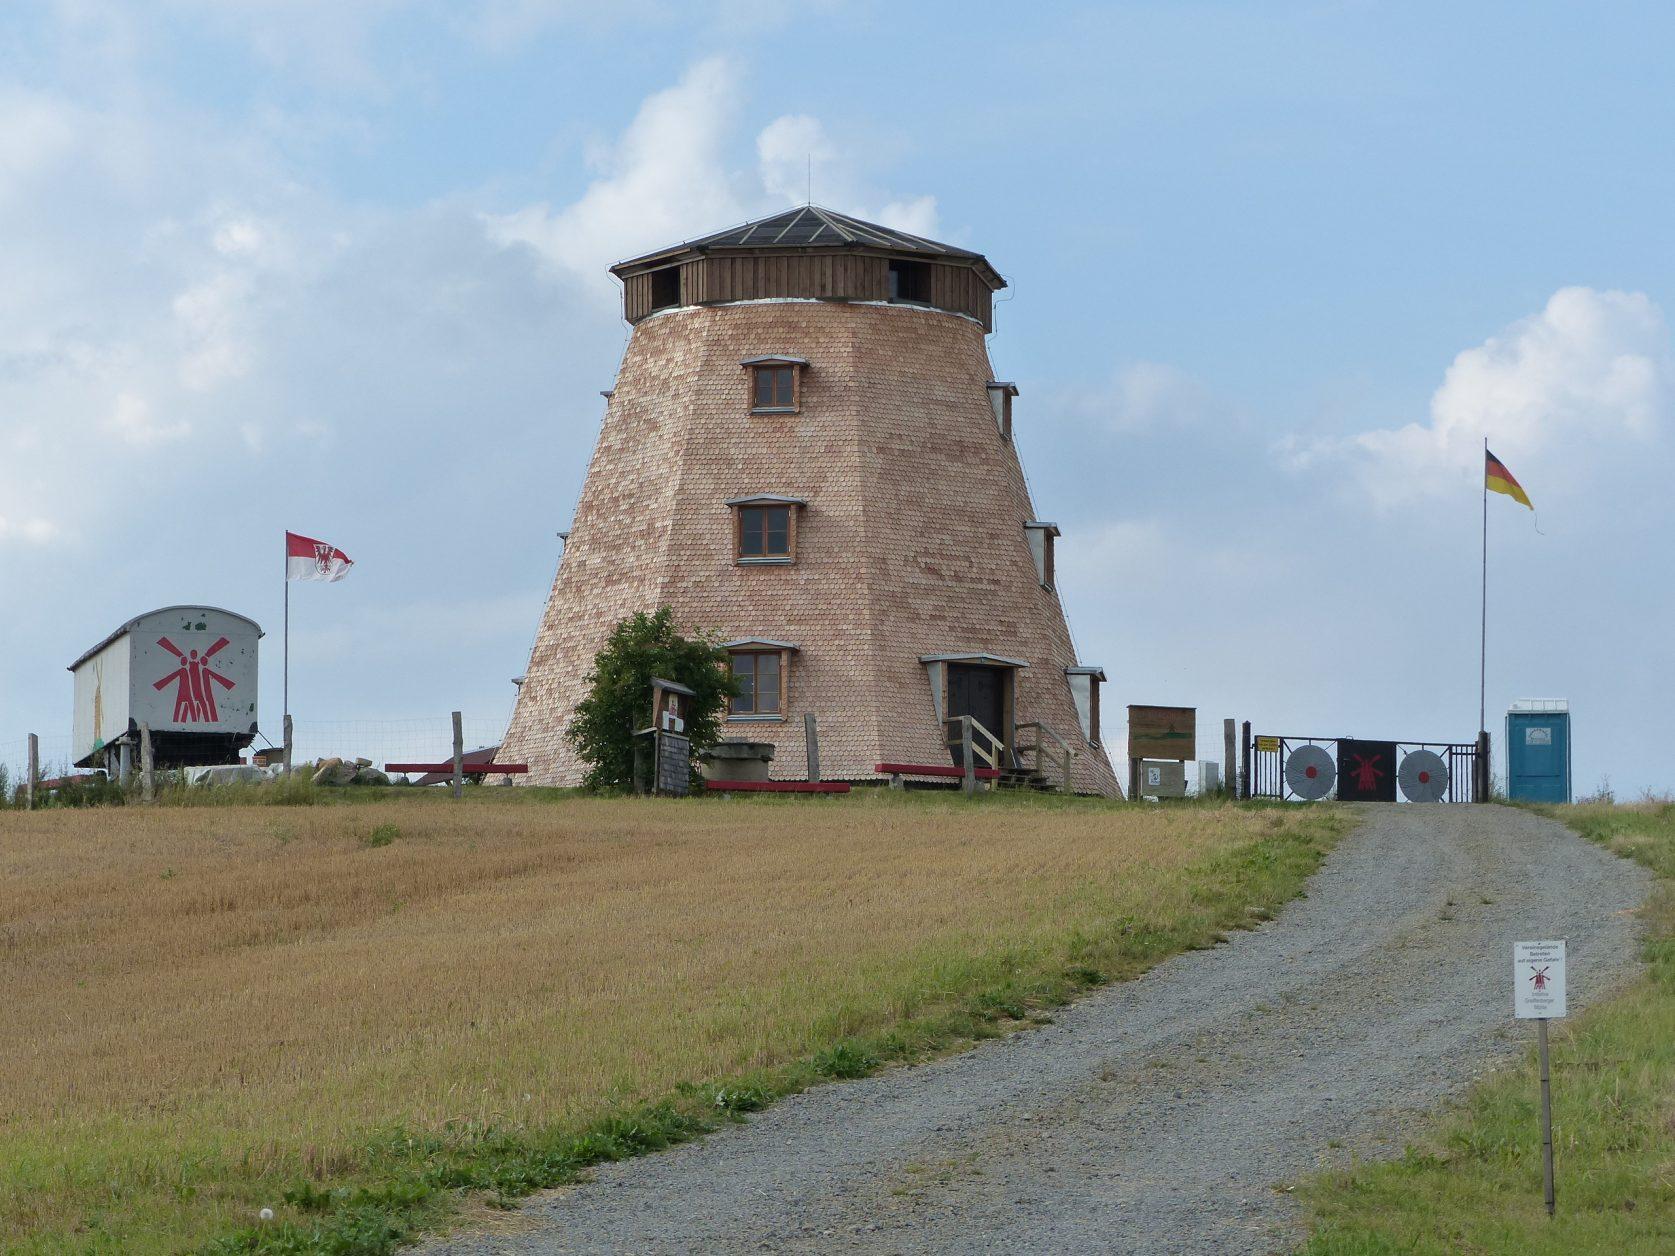 Erdholländermühle in Greiffenberg in der Uckermark, Foto: D.Weirauch